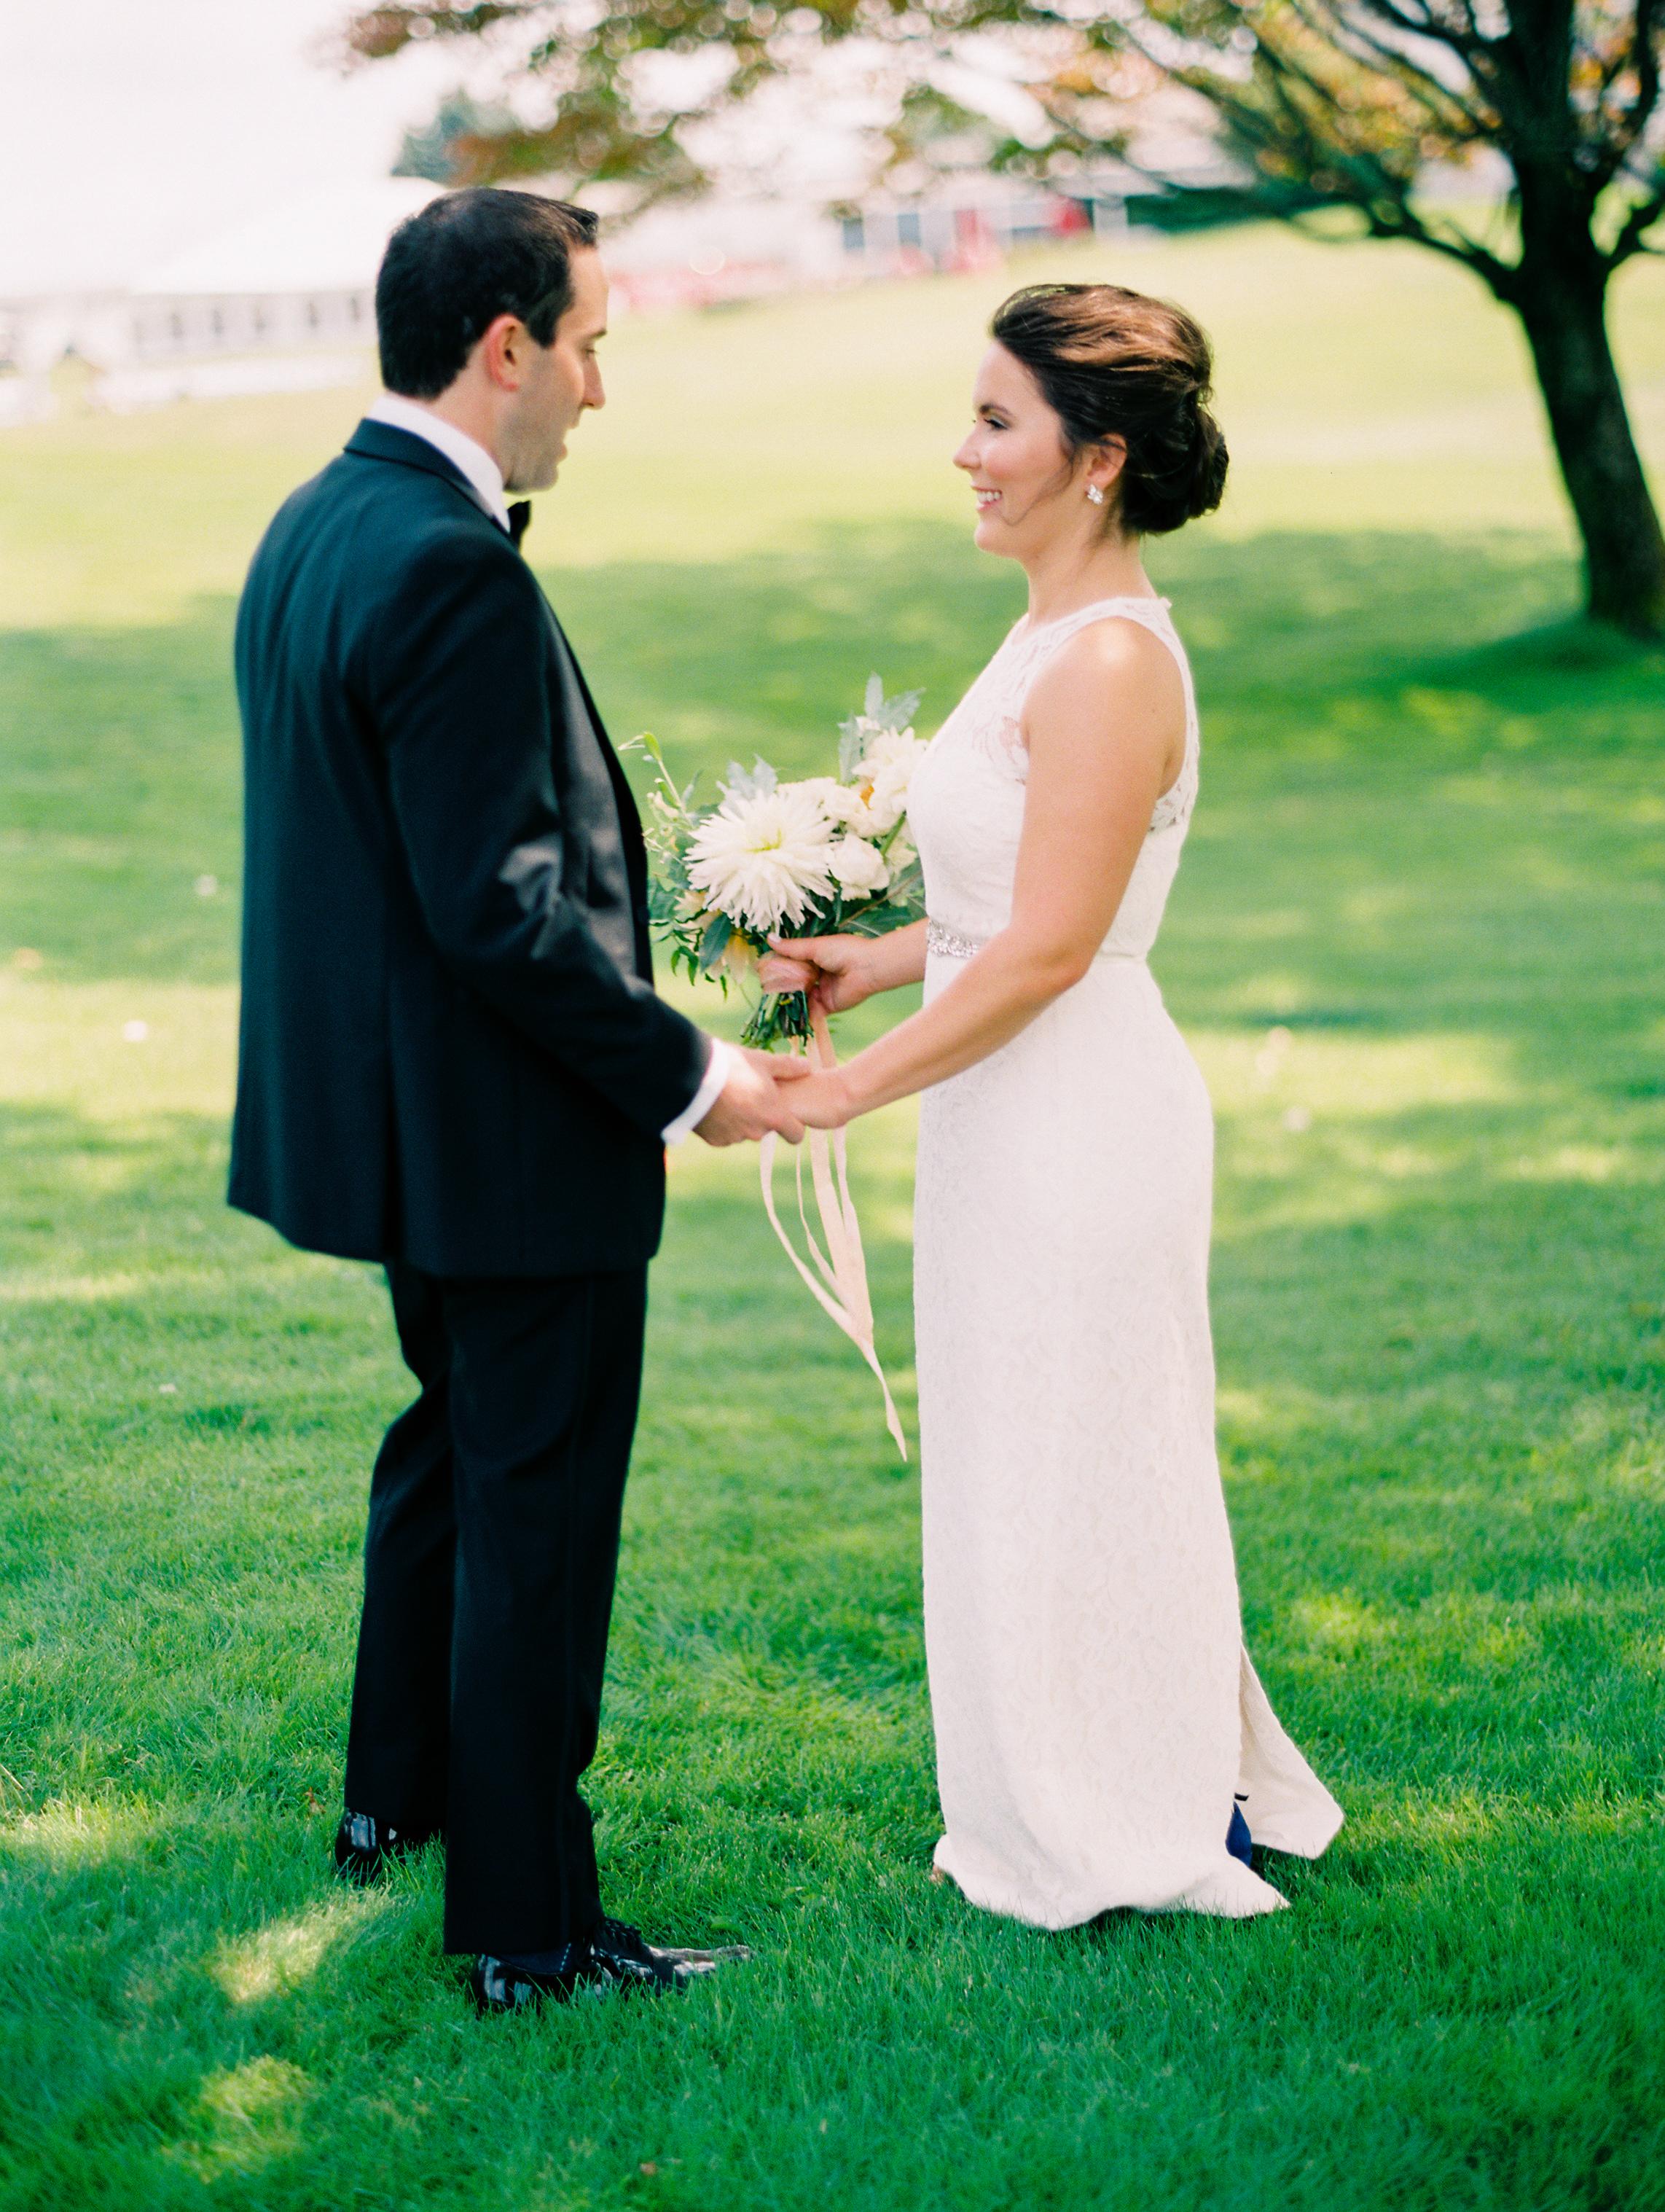 Zoller+Wedding+First+Look-33.jpg